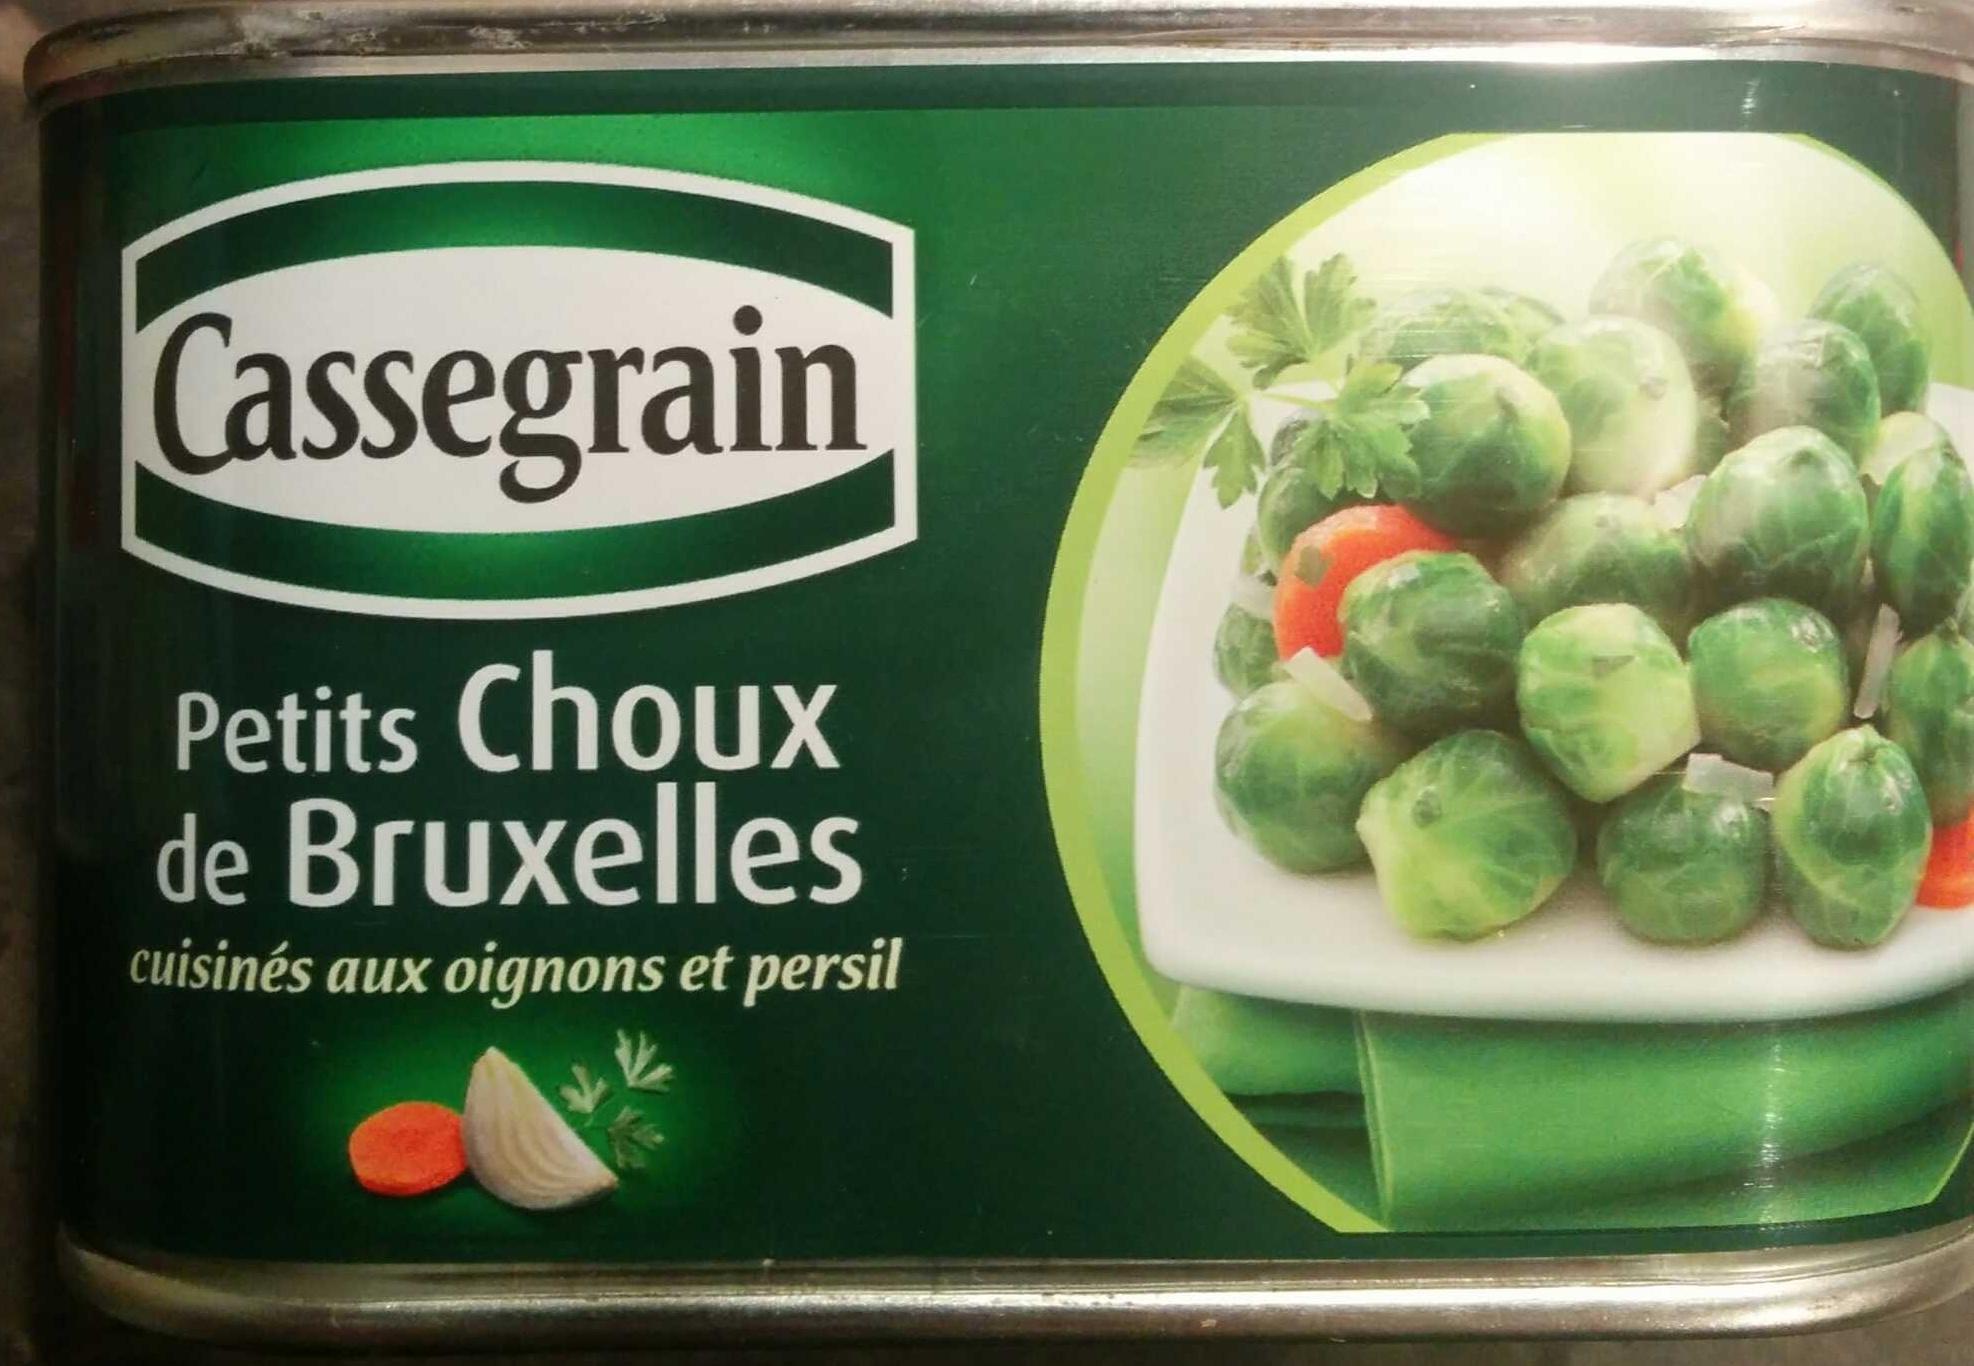 Petits choux de Bruxelles - Product - fr